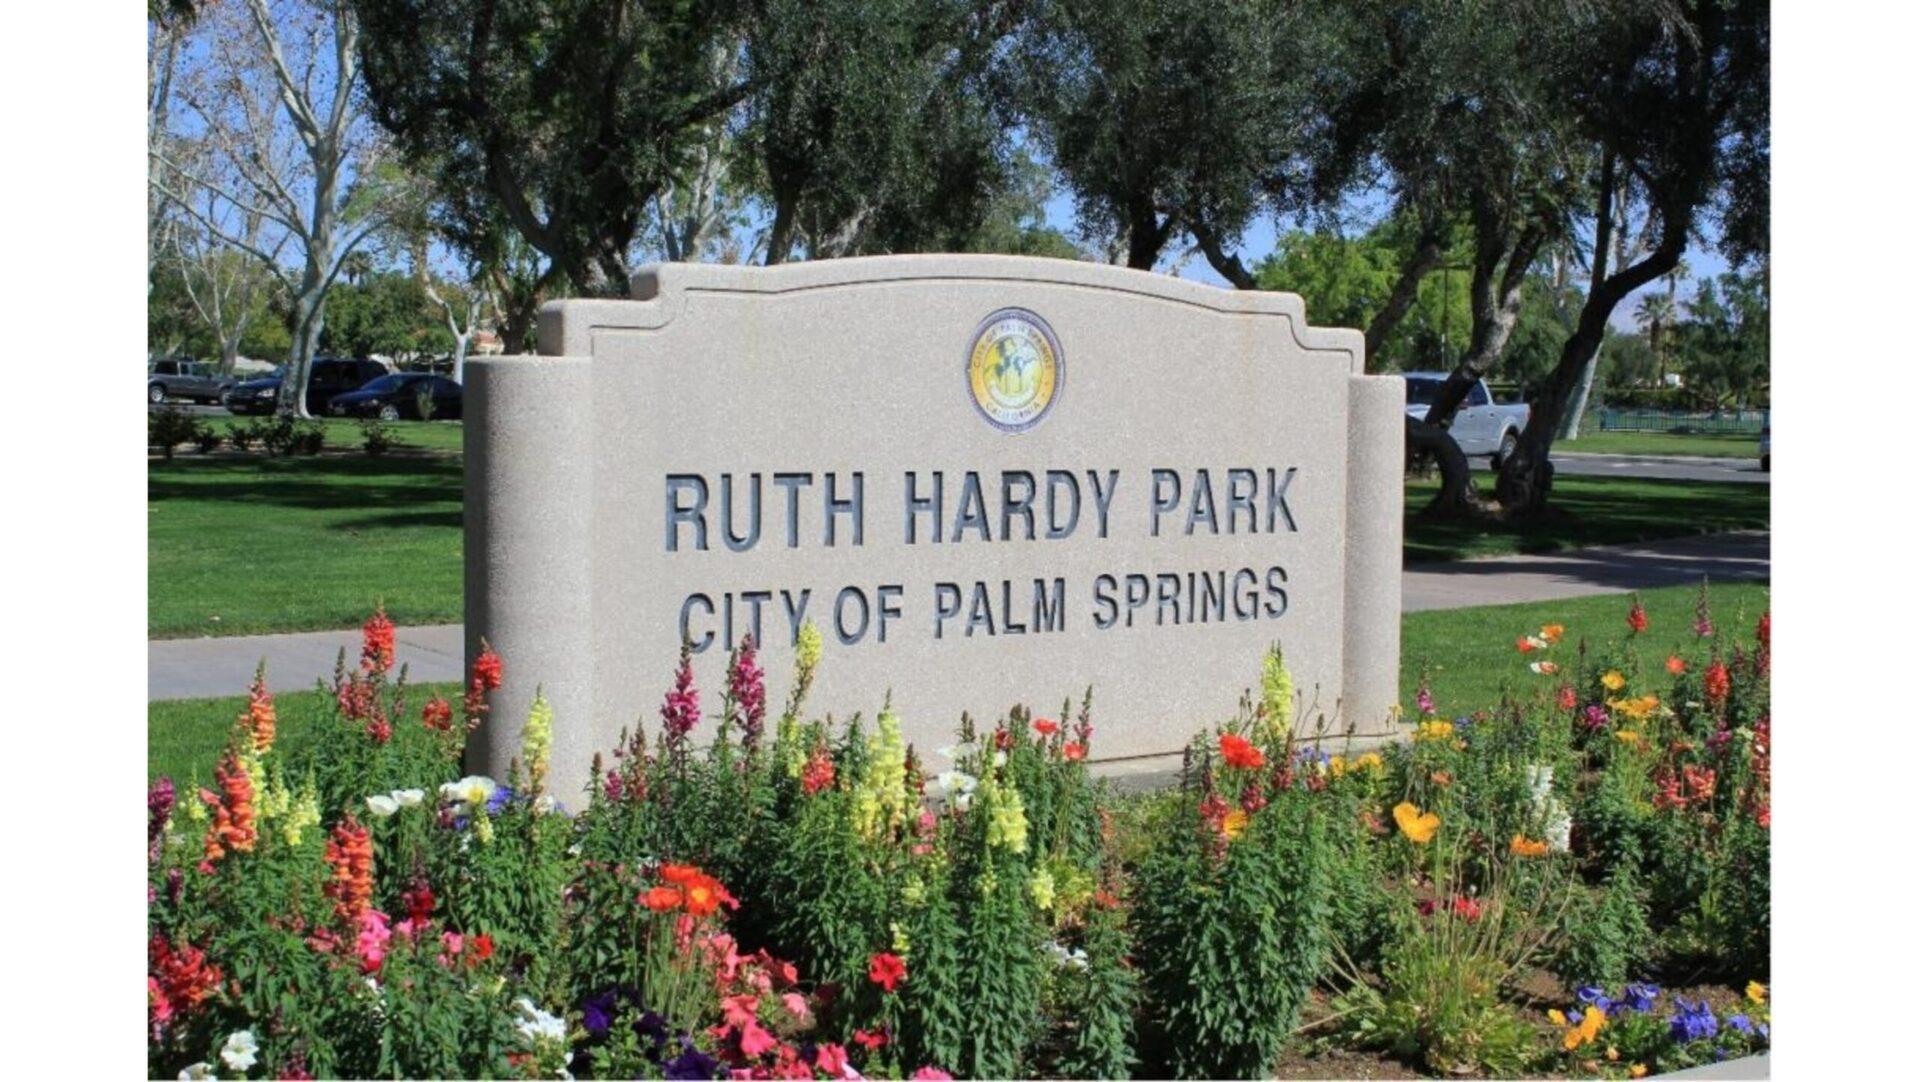 Ruth Hardy Park sign